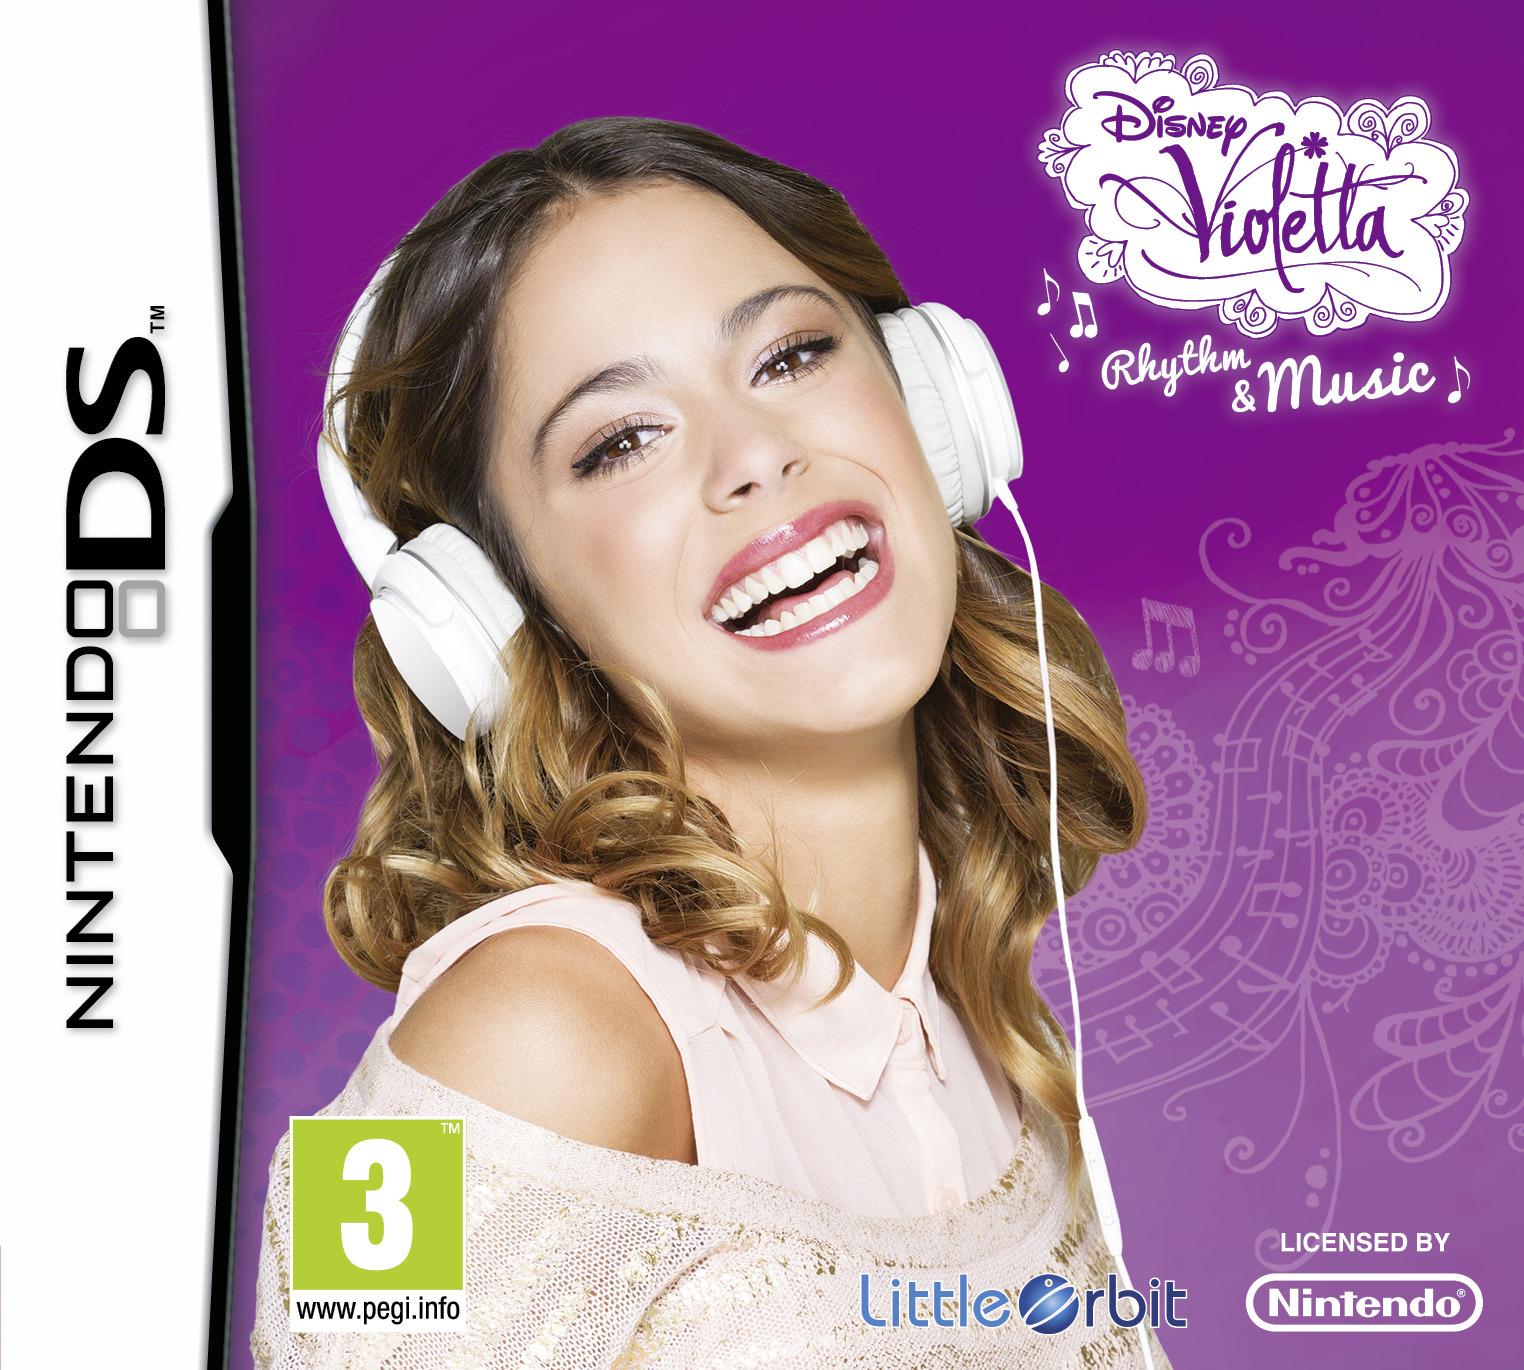 Namco Bandai Violetta: Rhythm & Music - 1060176